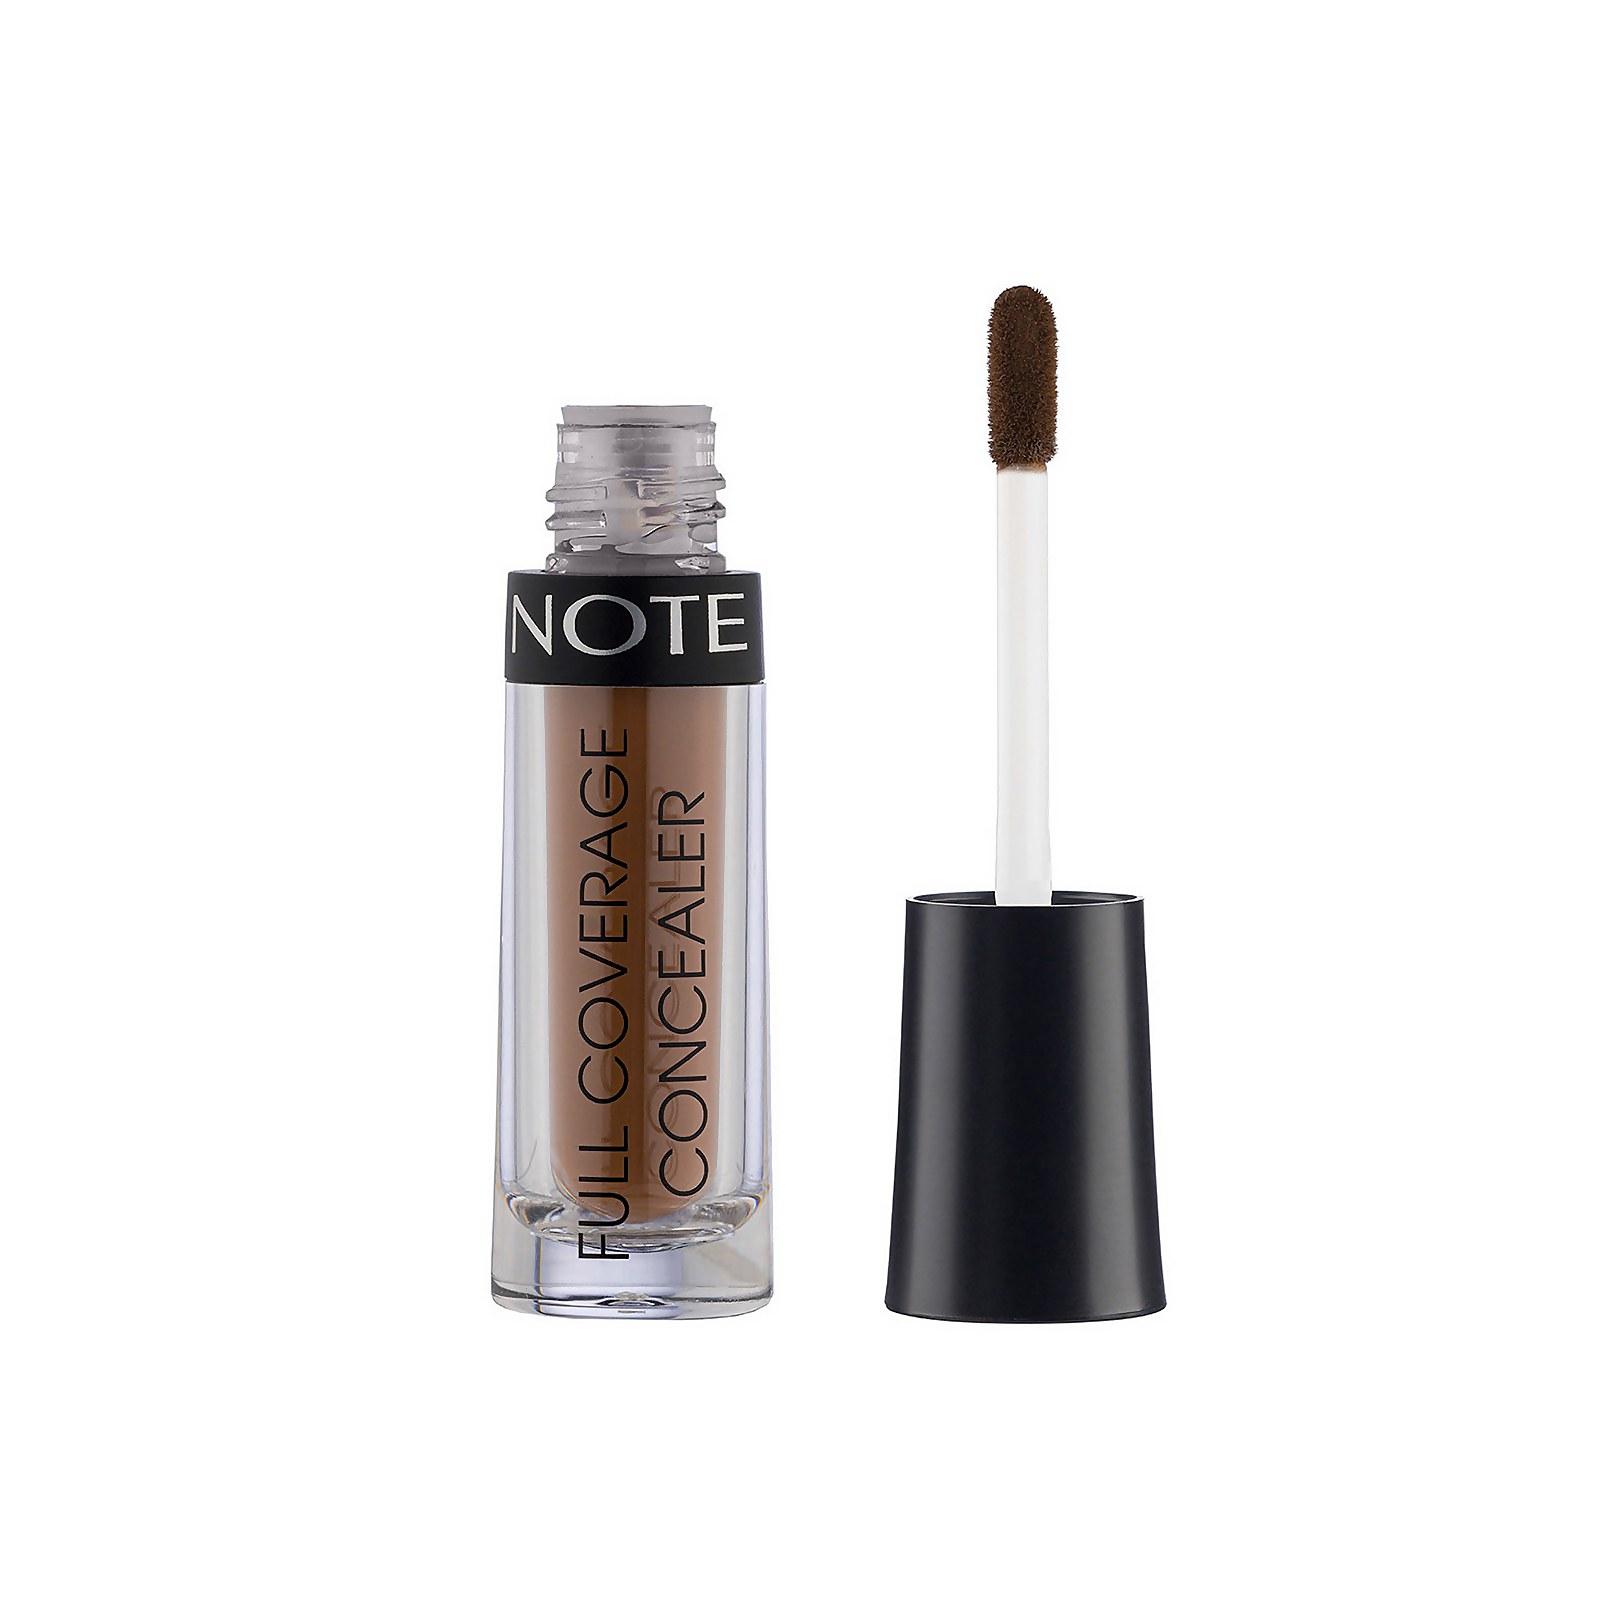 Купить Жидкий консилер Note Cosmetics Full Coverage Liquid Concealer 2, 3 мл (различные оттенки) - 403 Espresso